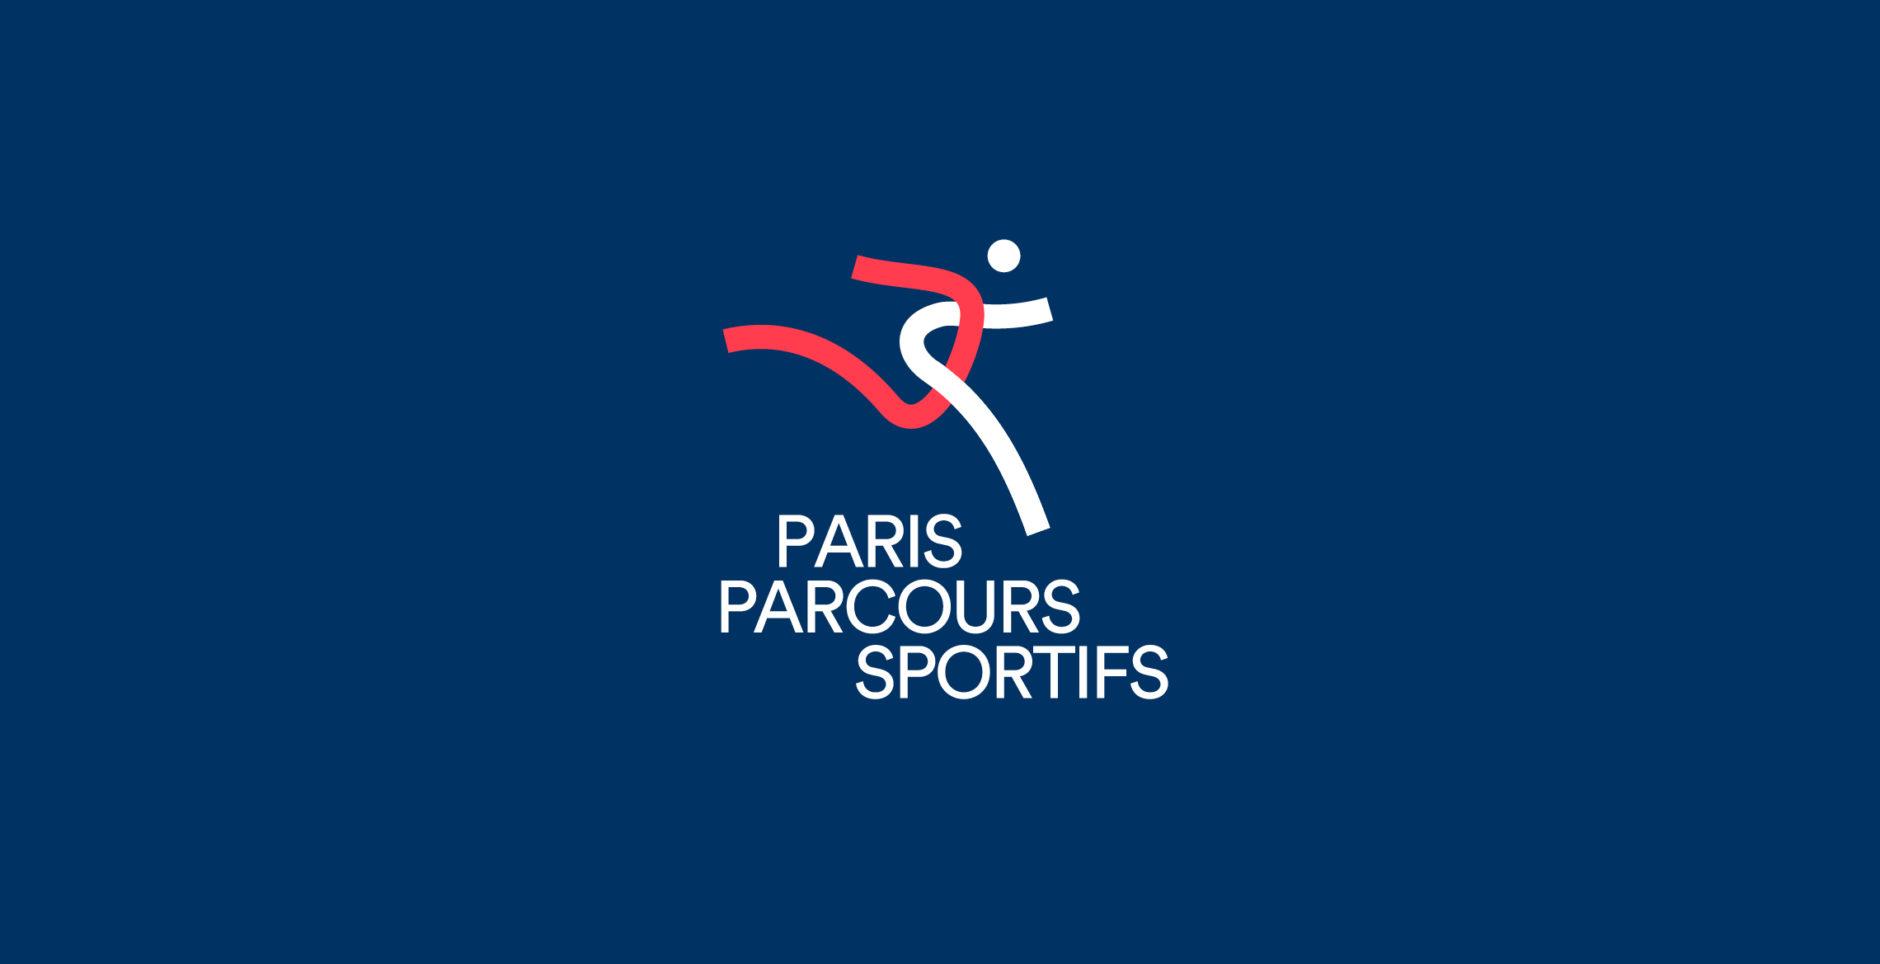 01 Logo Parcours sportifs paris